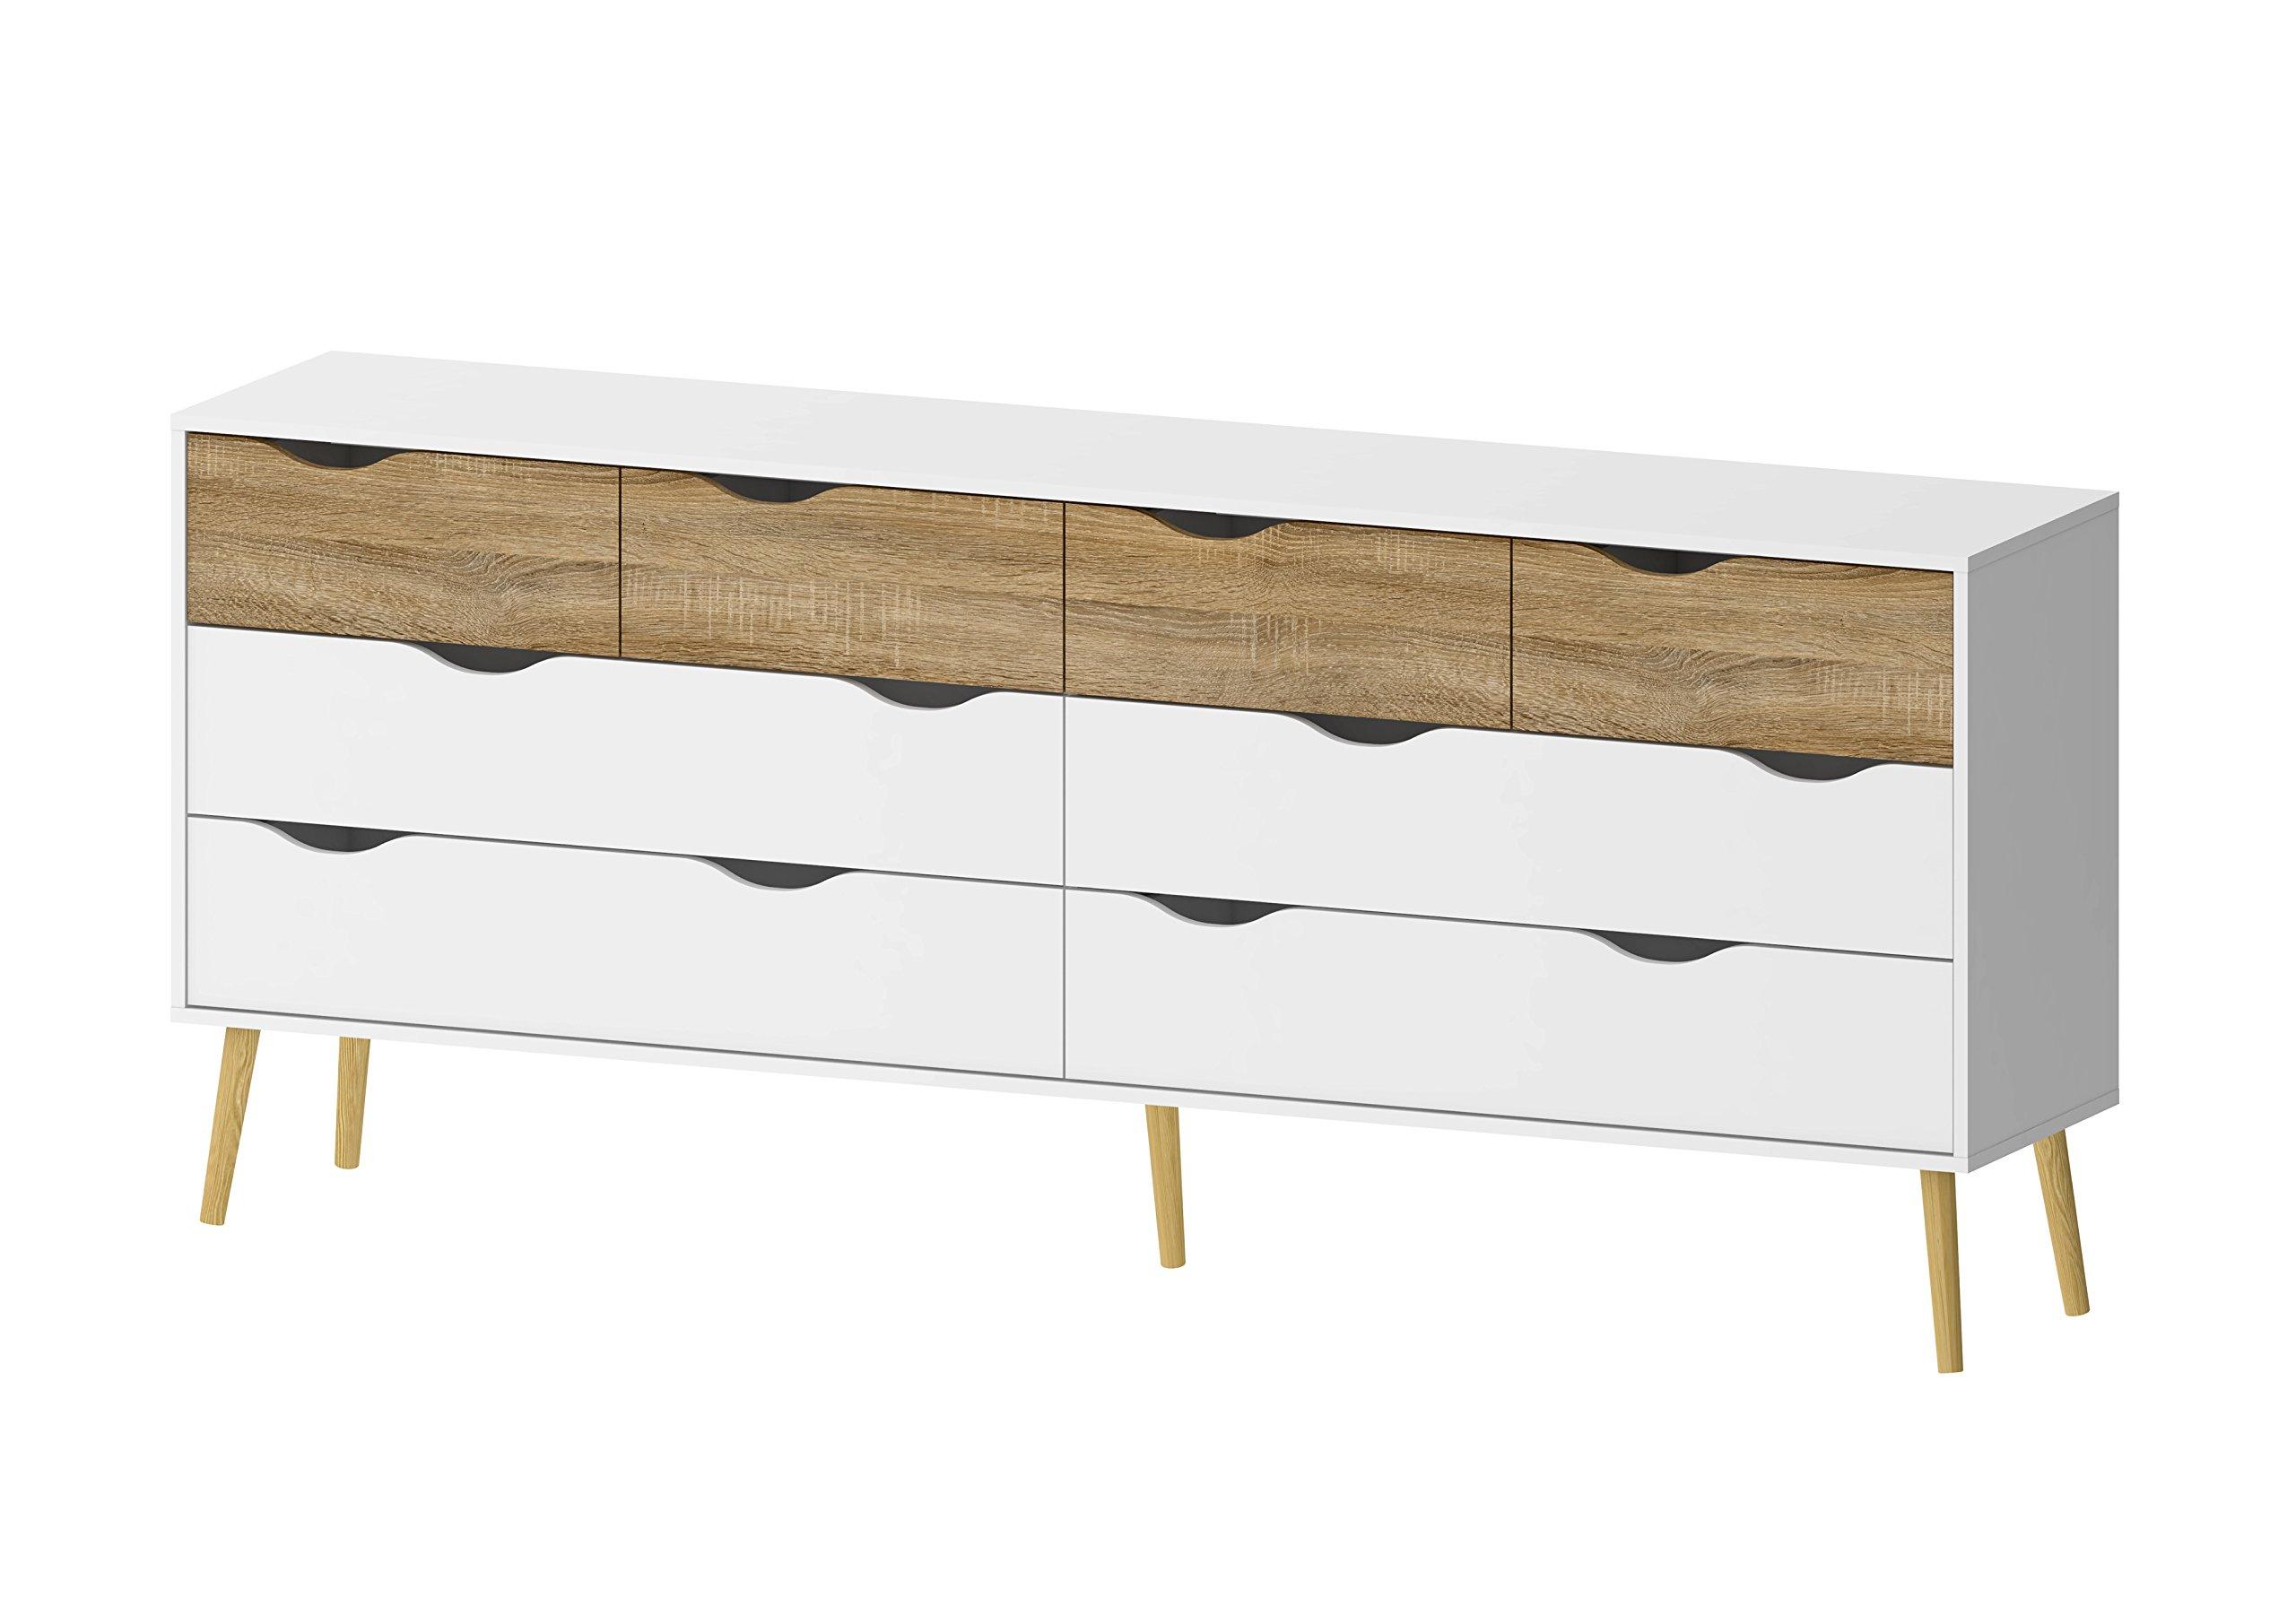 Tvilum Diana 8 Drawer Dresser, White/Oak Structure by Tvilum